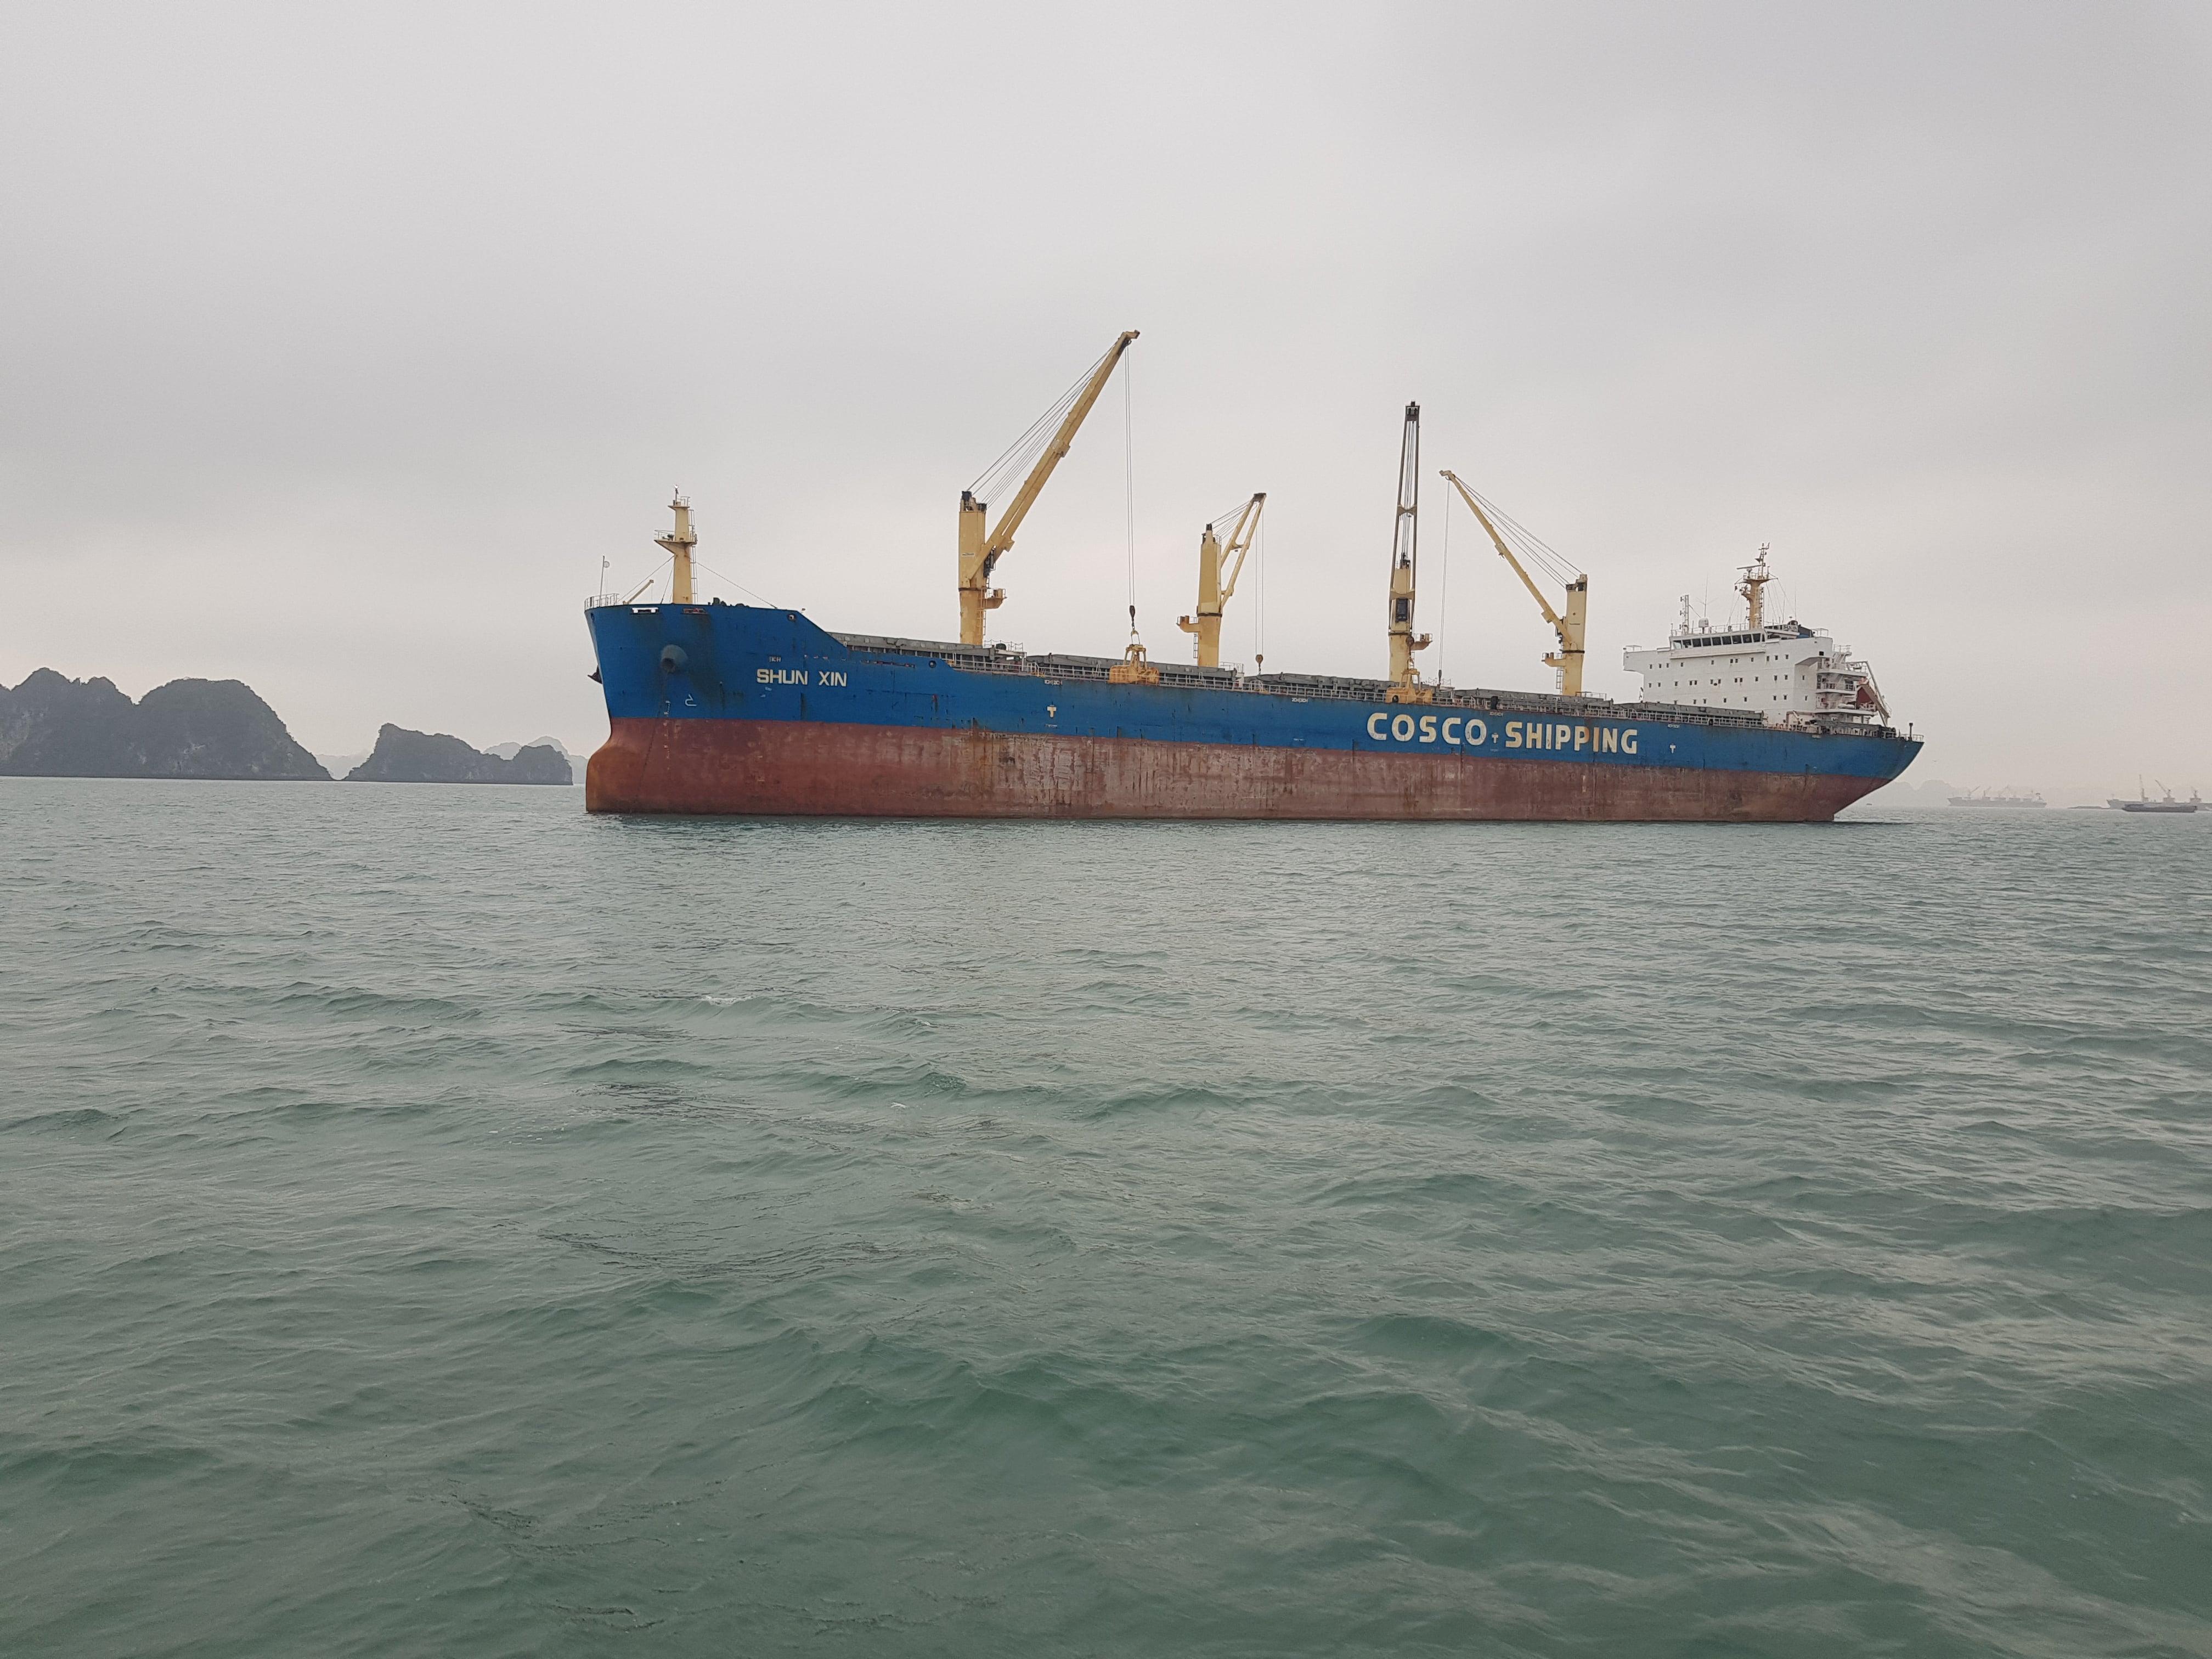 Xuất khẩu clinker tháng 02/2020 (M/V SHUN XIN)